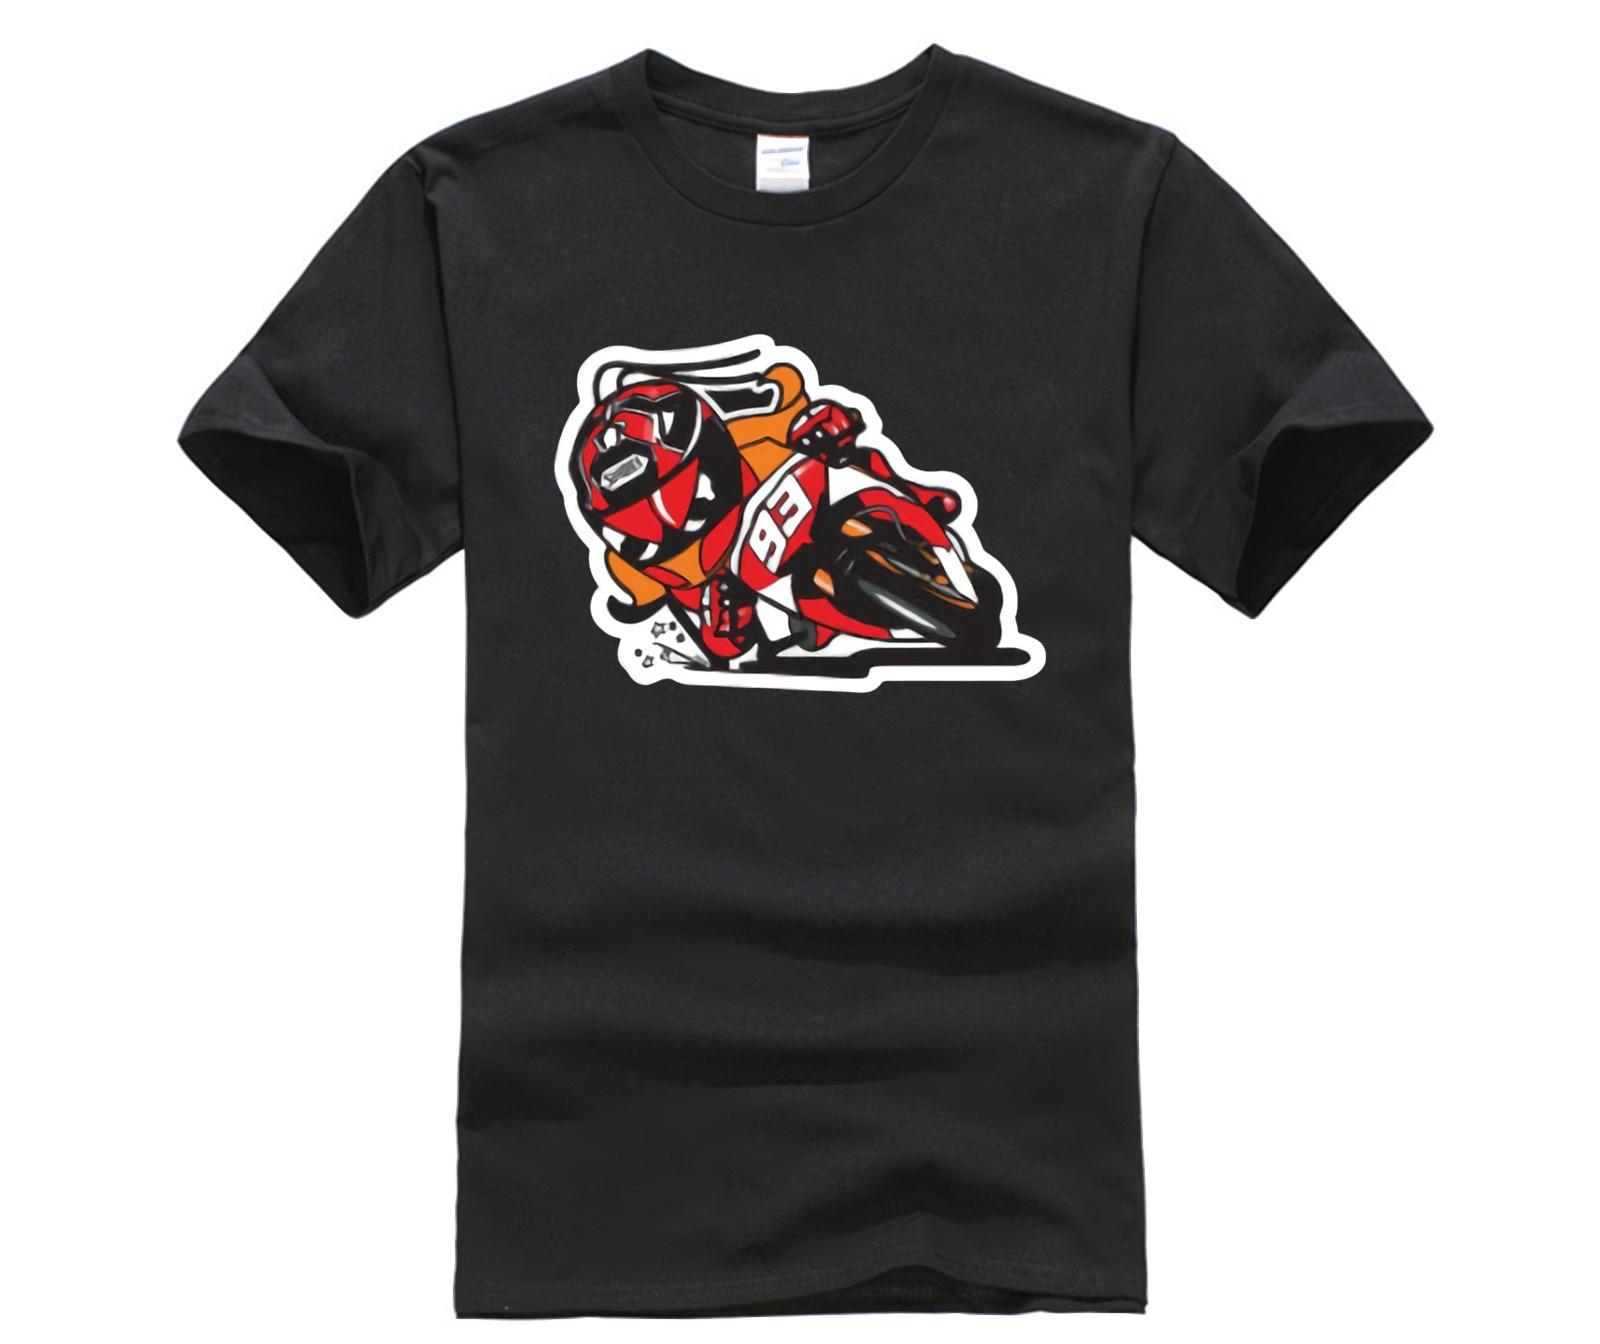 Marquez Rijders Streetwear Motorcycle Bike Racing Sport Heren Tee T-shirt